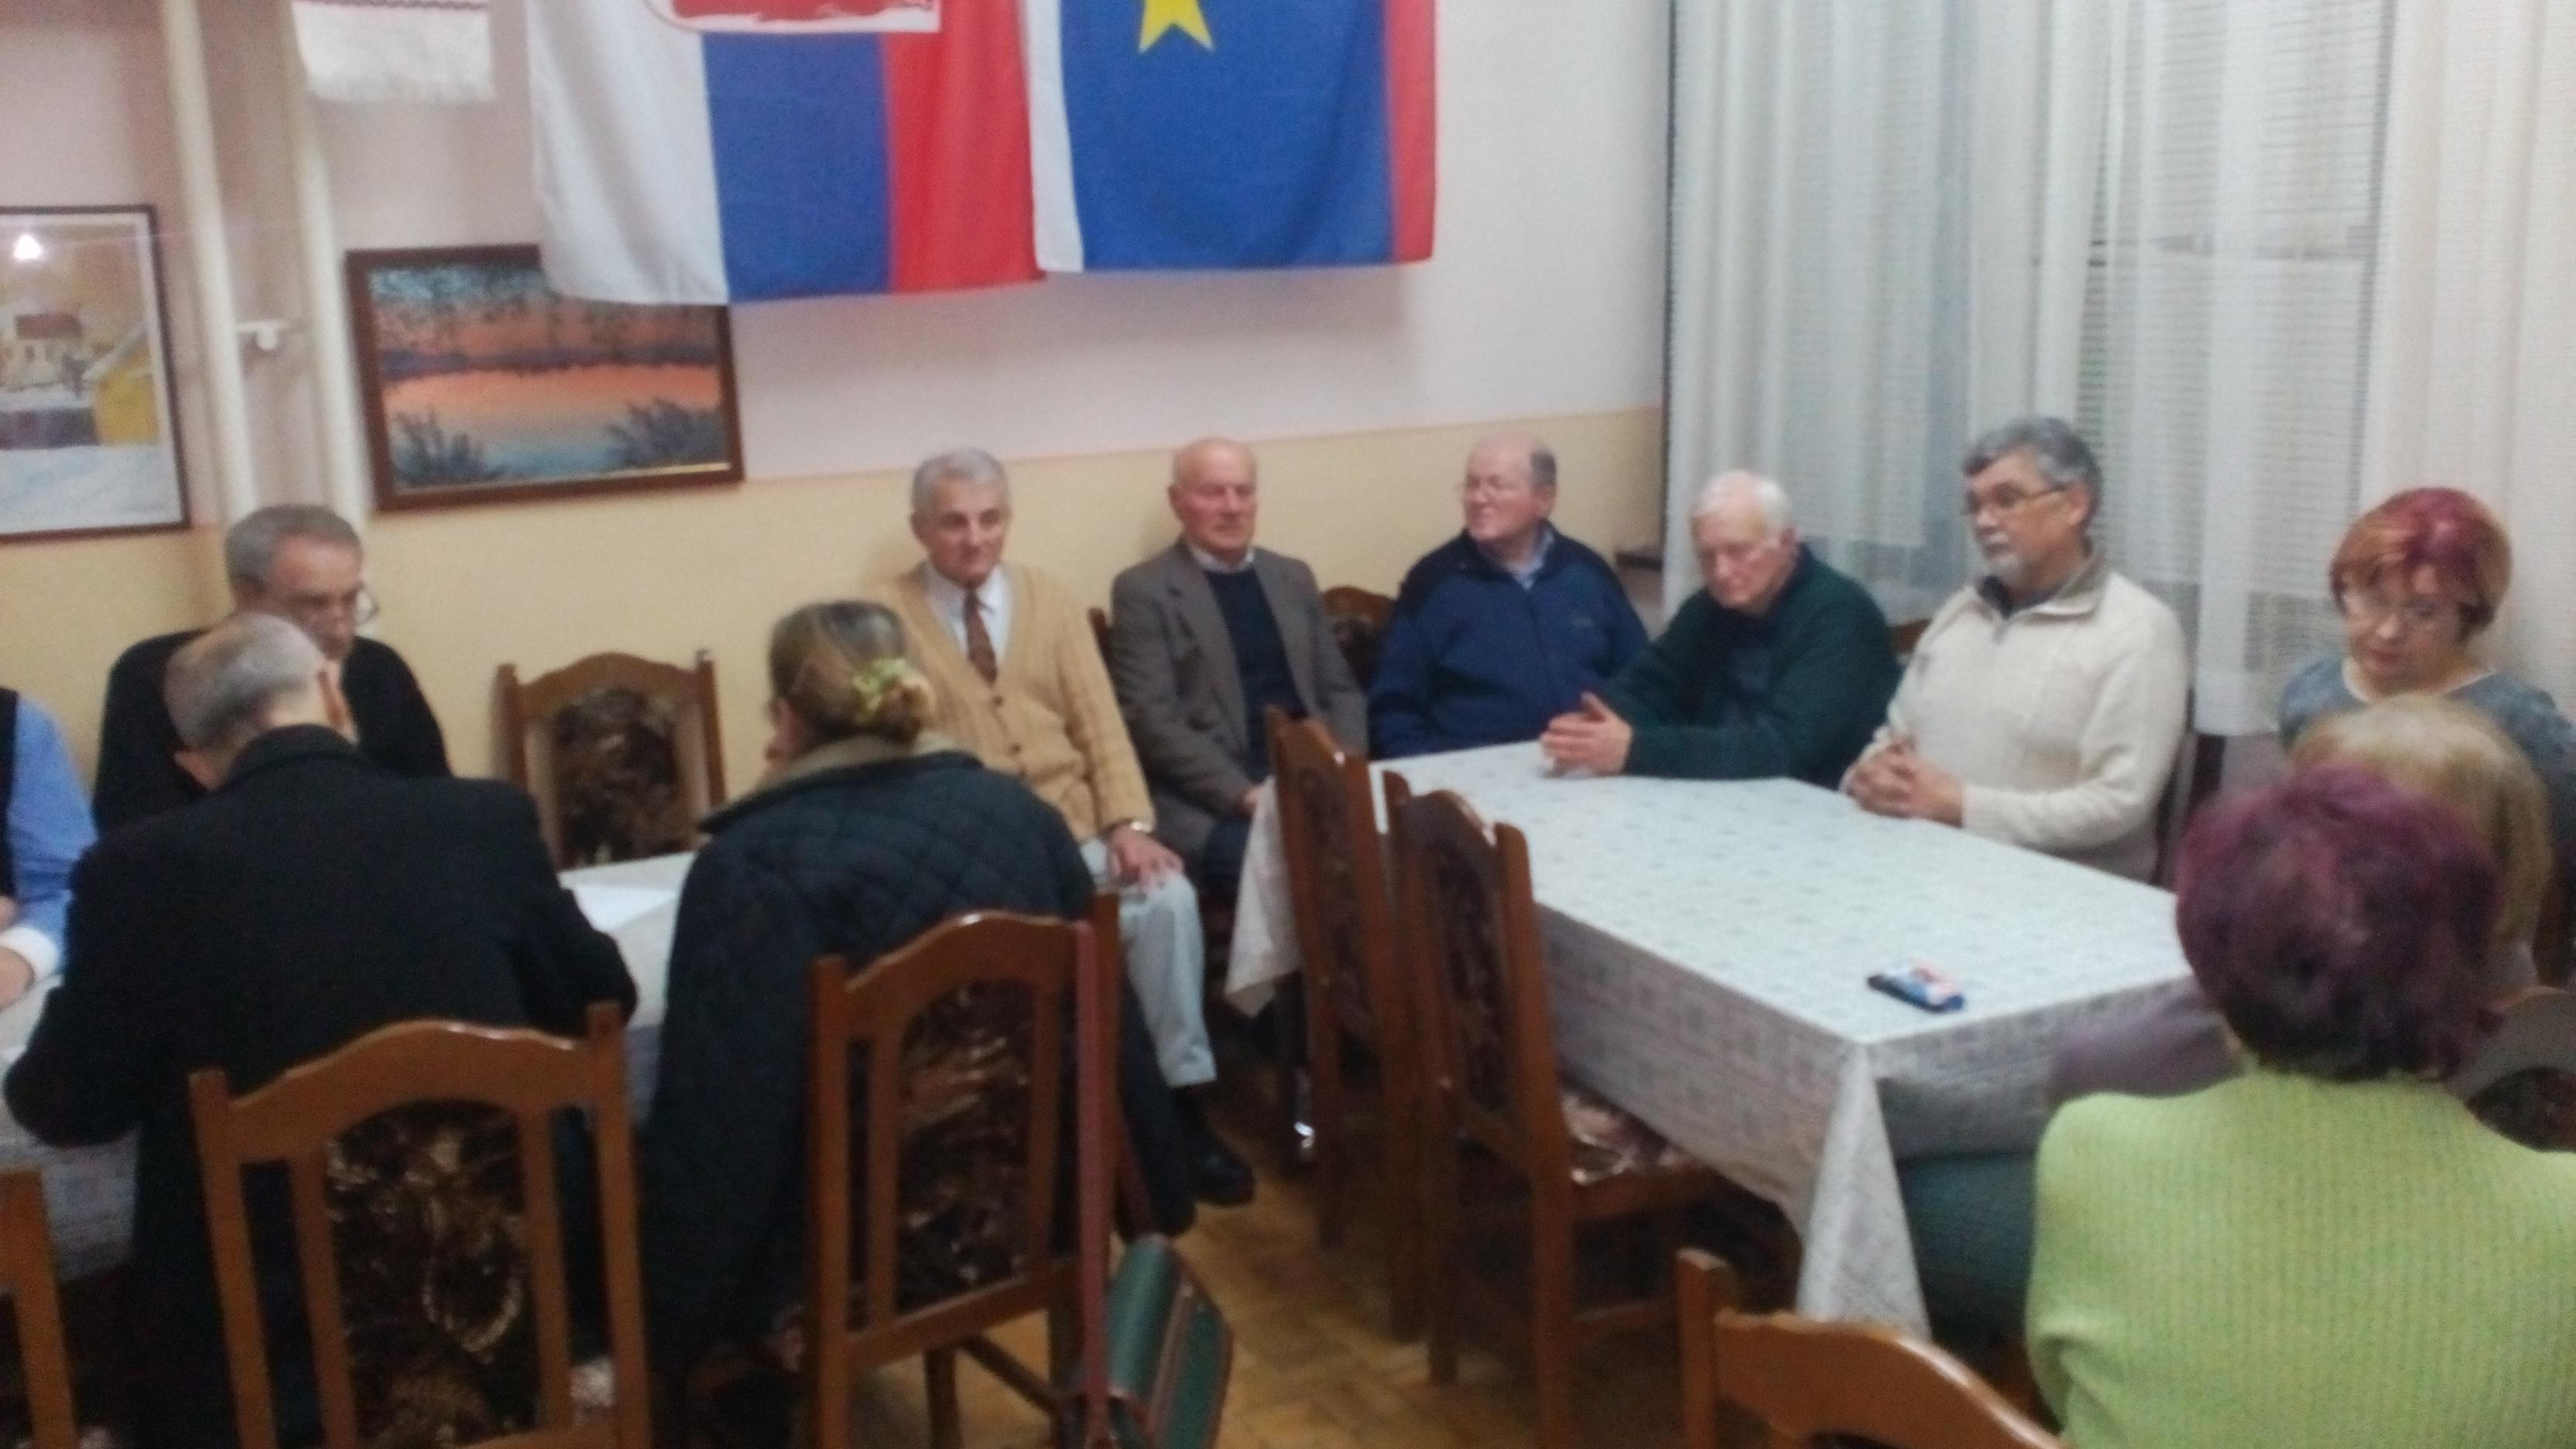 03 - PKPD KUla Havrijil Kosteljnik 1